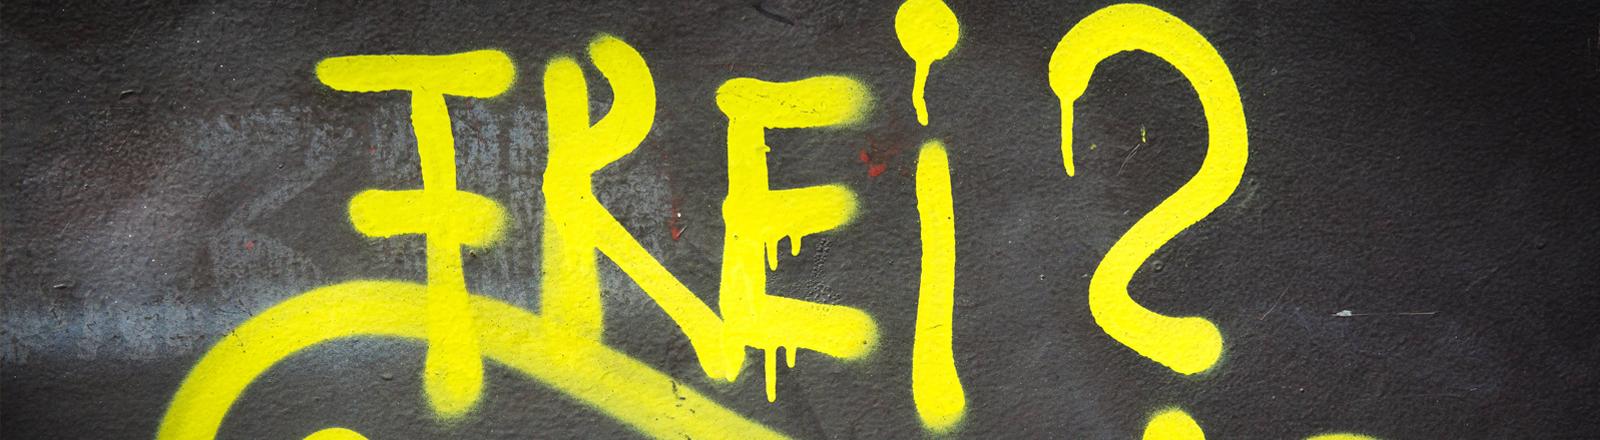 Das Wort Frei mit Fragezeichen als gelbes Graffito auf einer dunklen Wand.